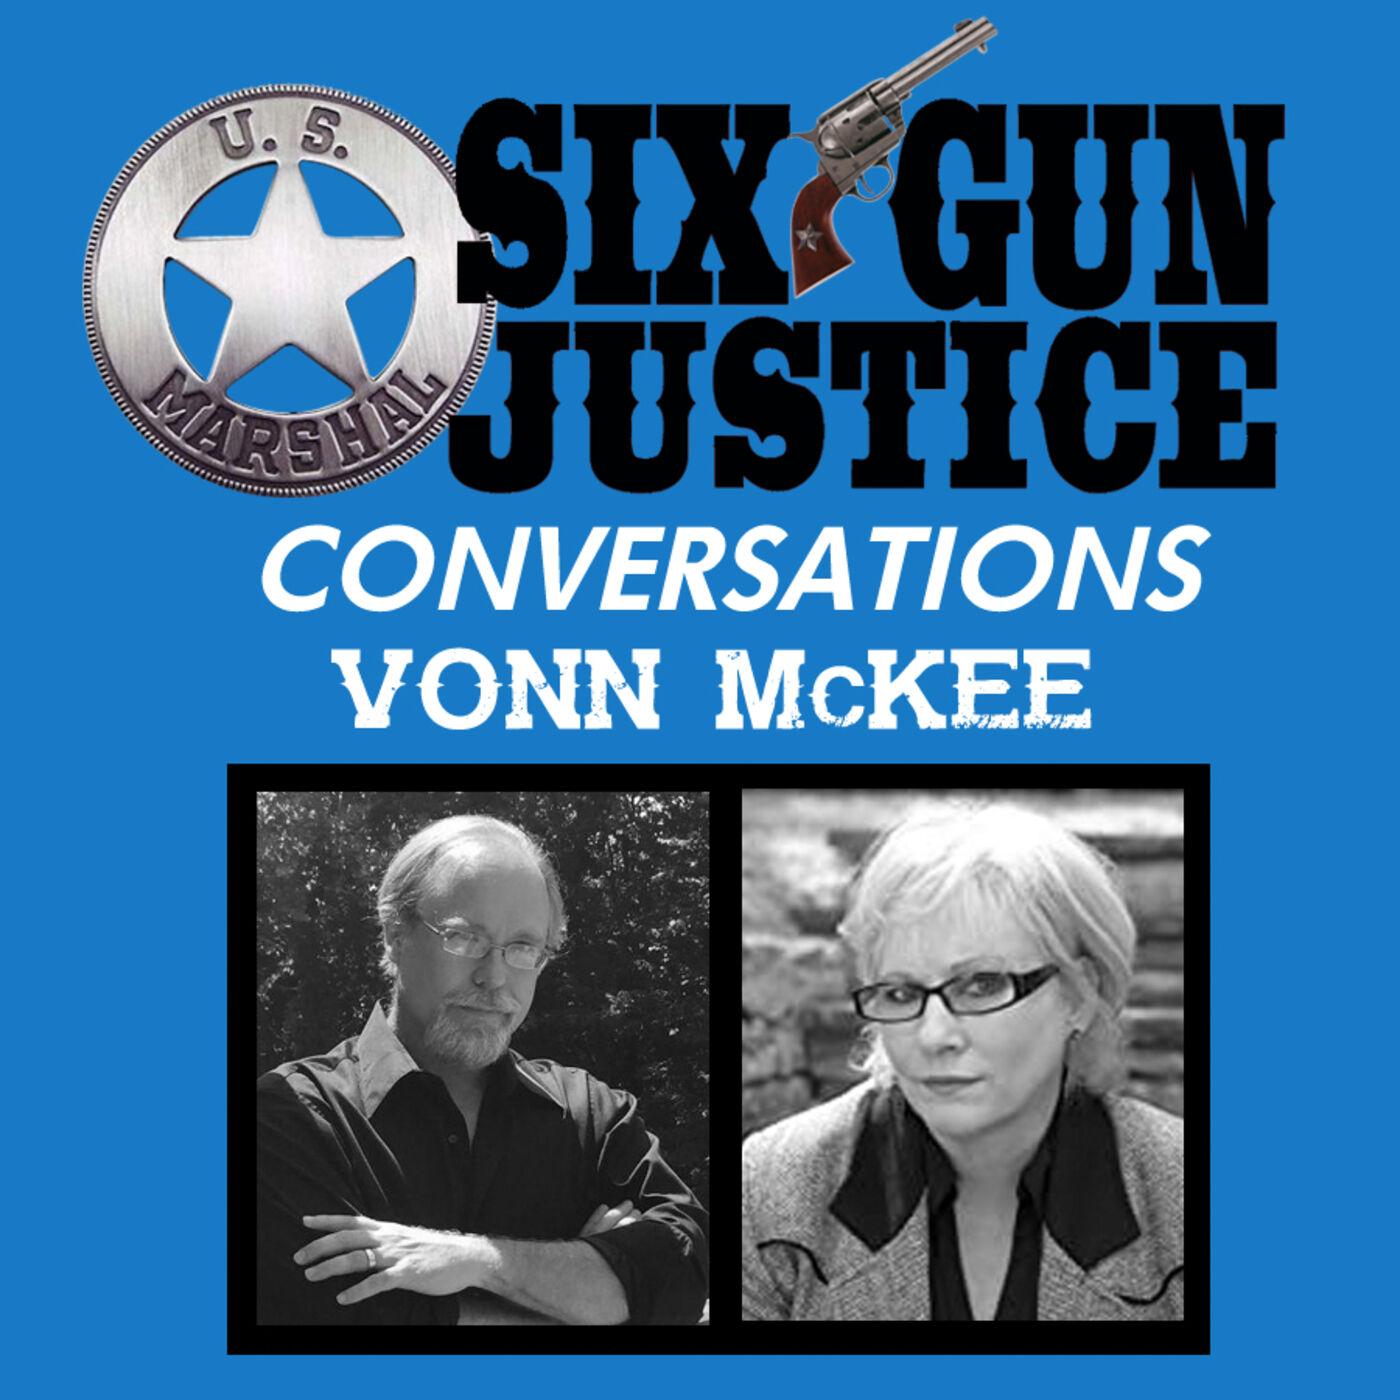 SIX-GUN JUSTICE CONVERSATIONS—VONN McKEE